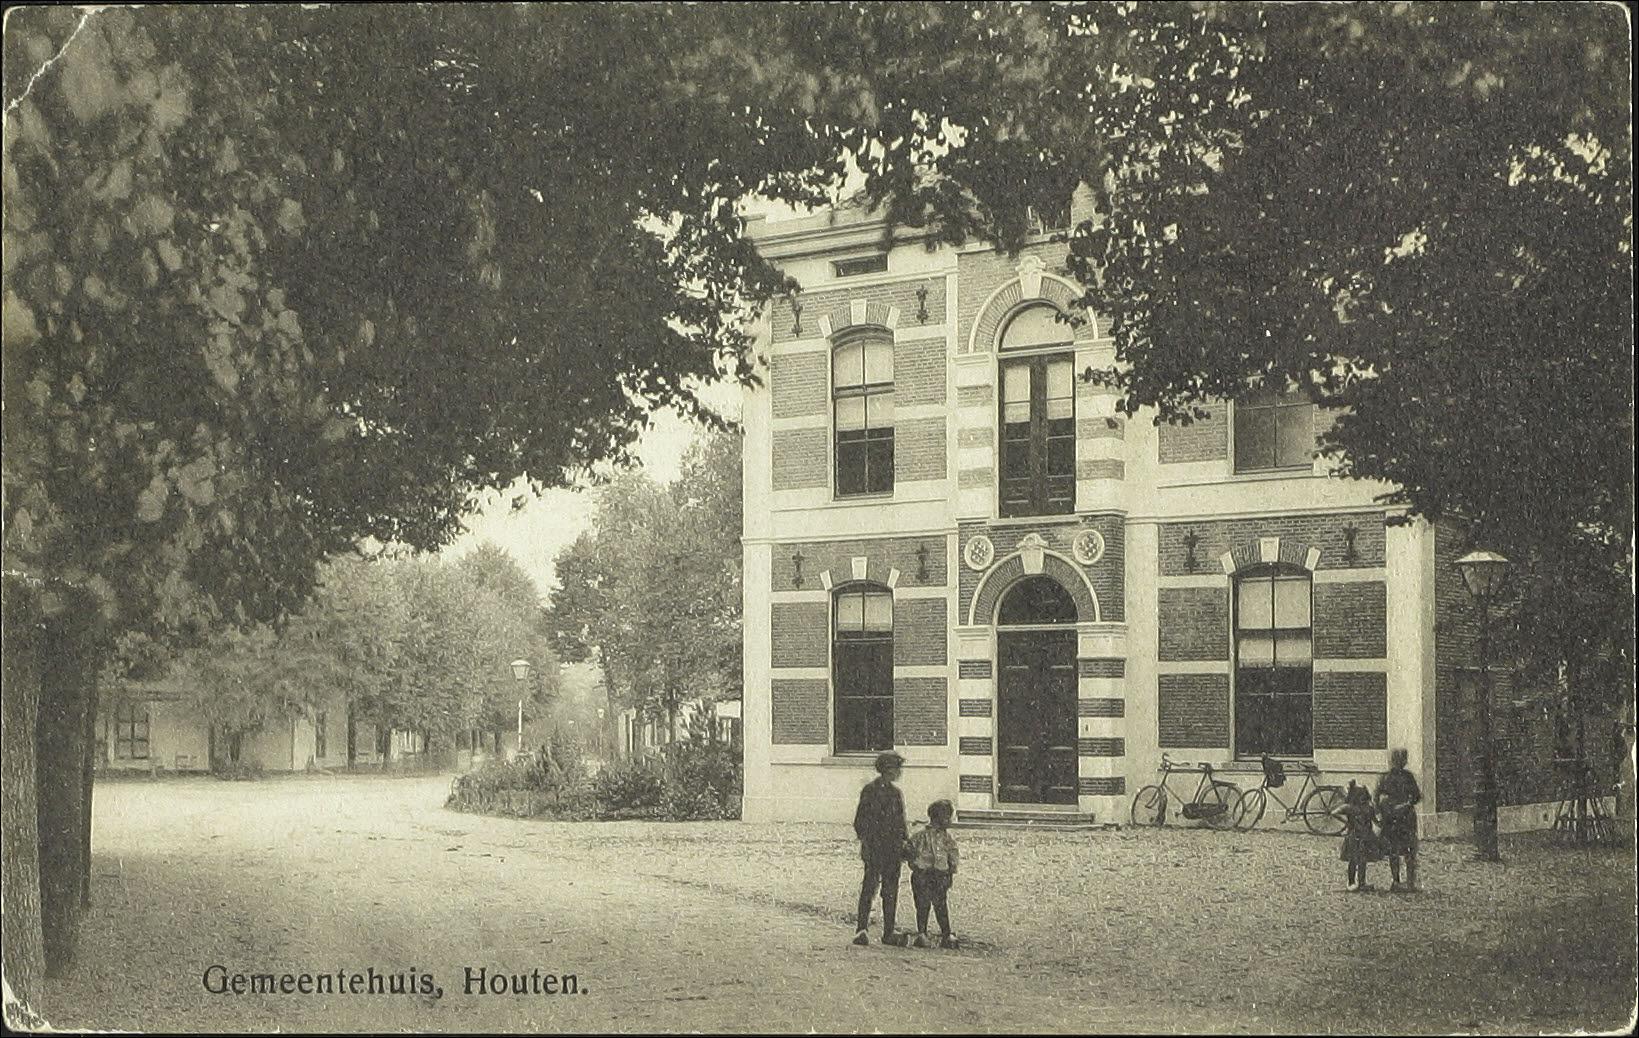 Foto van het gemeentehuis in 1917, Houten, RAZU catalogusnummer 40235 (Toegang 353)